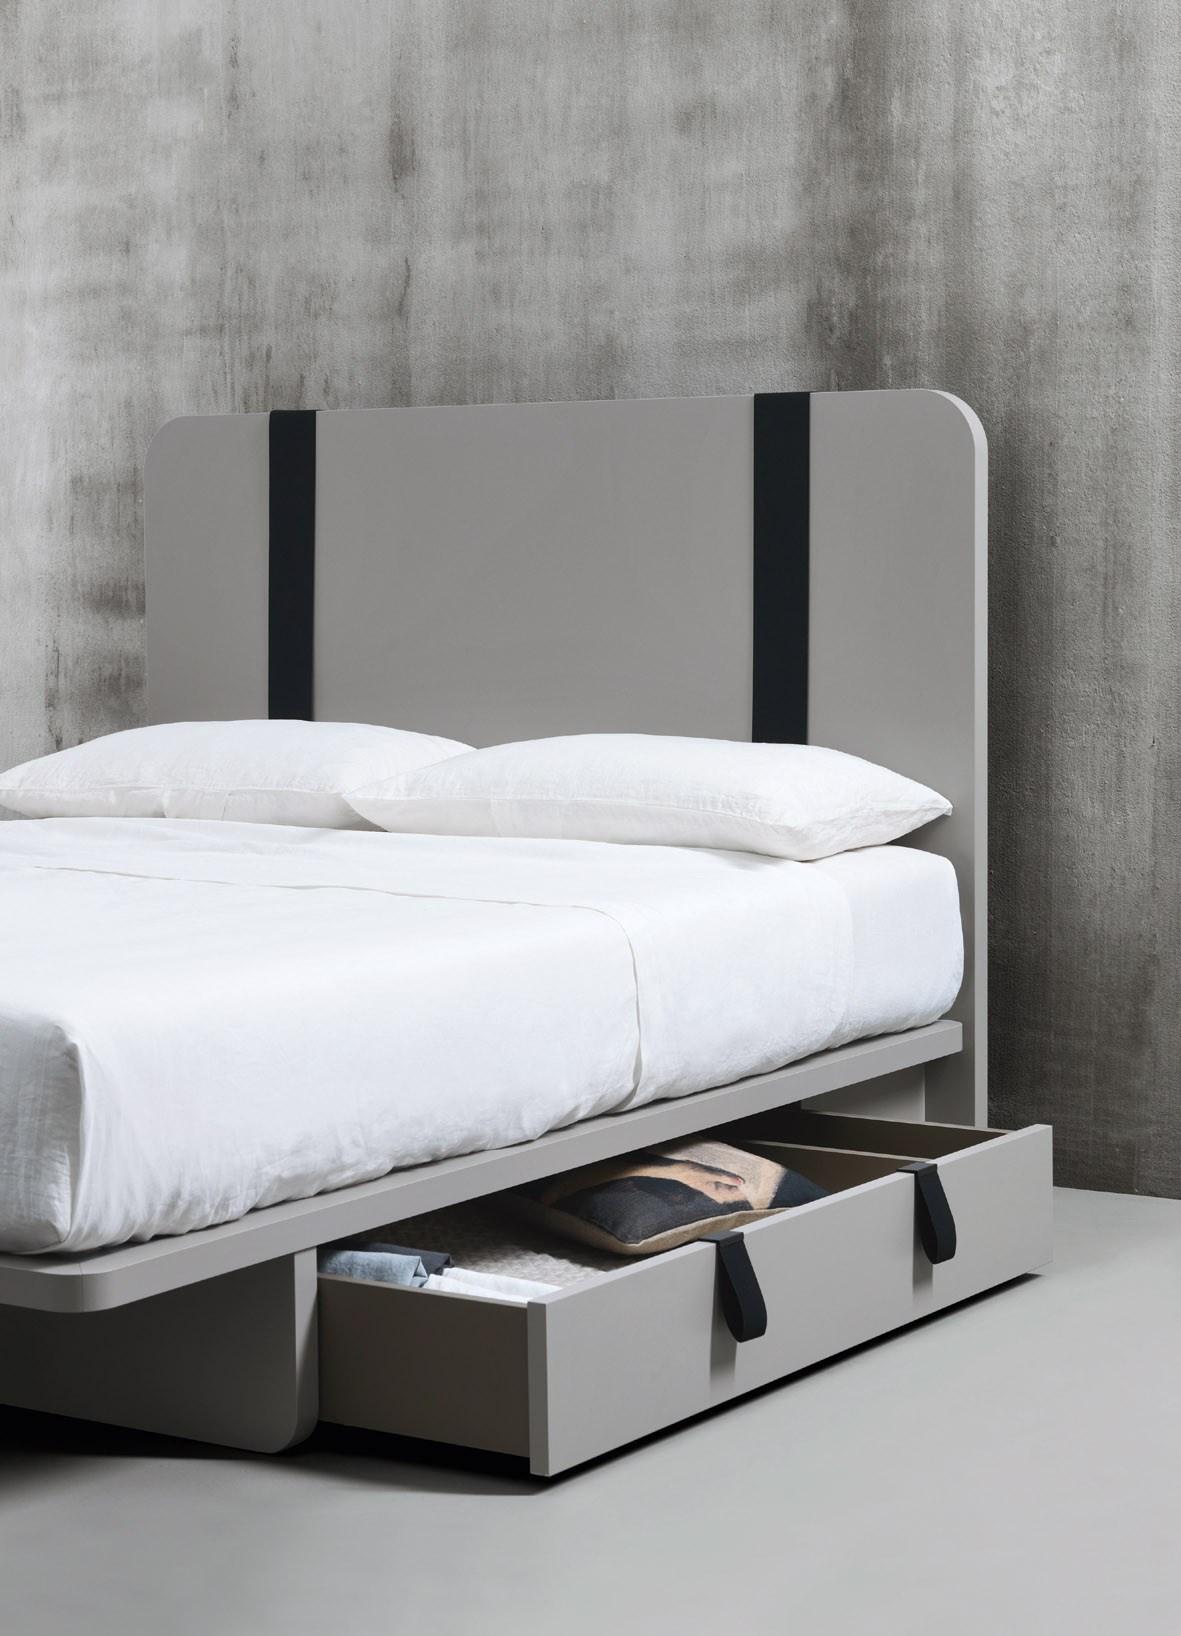 la camera da letto secondo caccaro - Camera Da Letto Caccaro